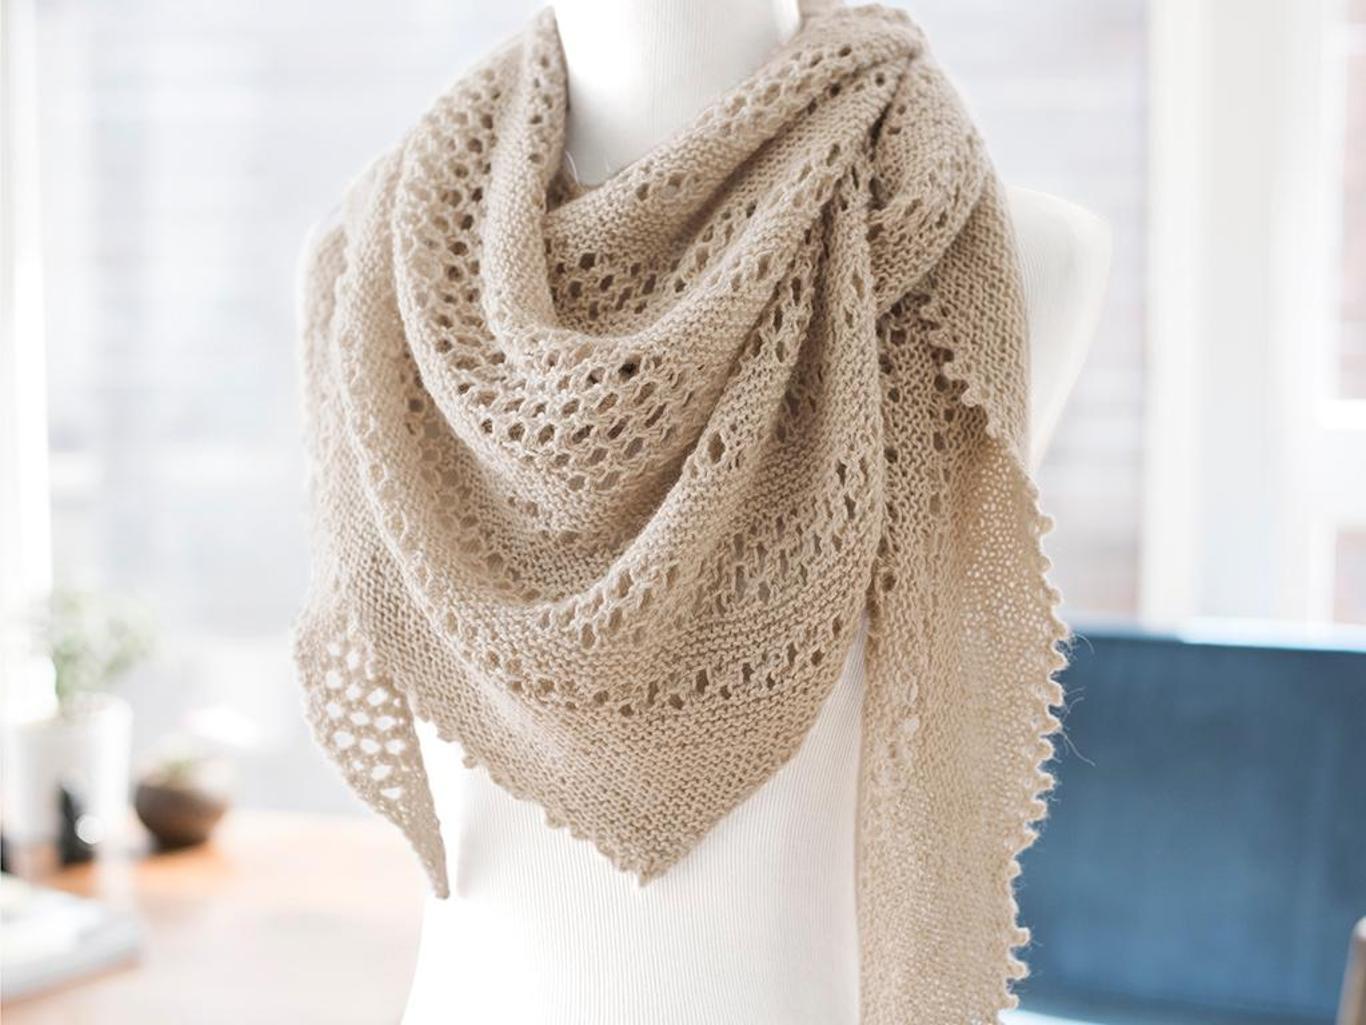 Hot Oatmeal Lace Shawl Knitting Kit